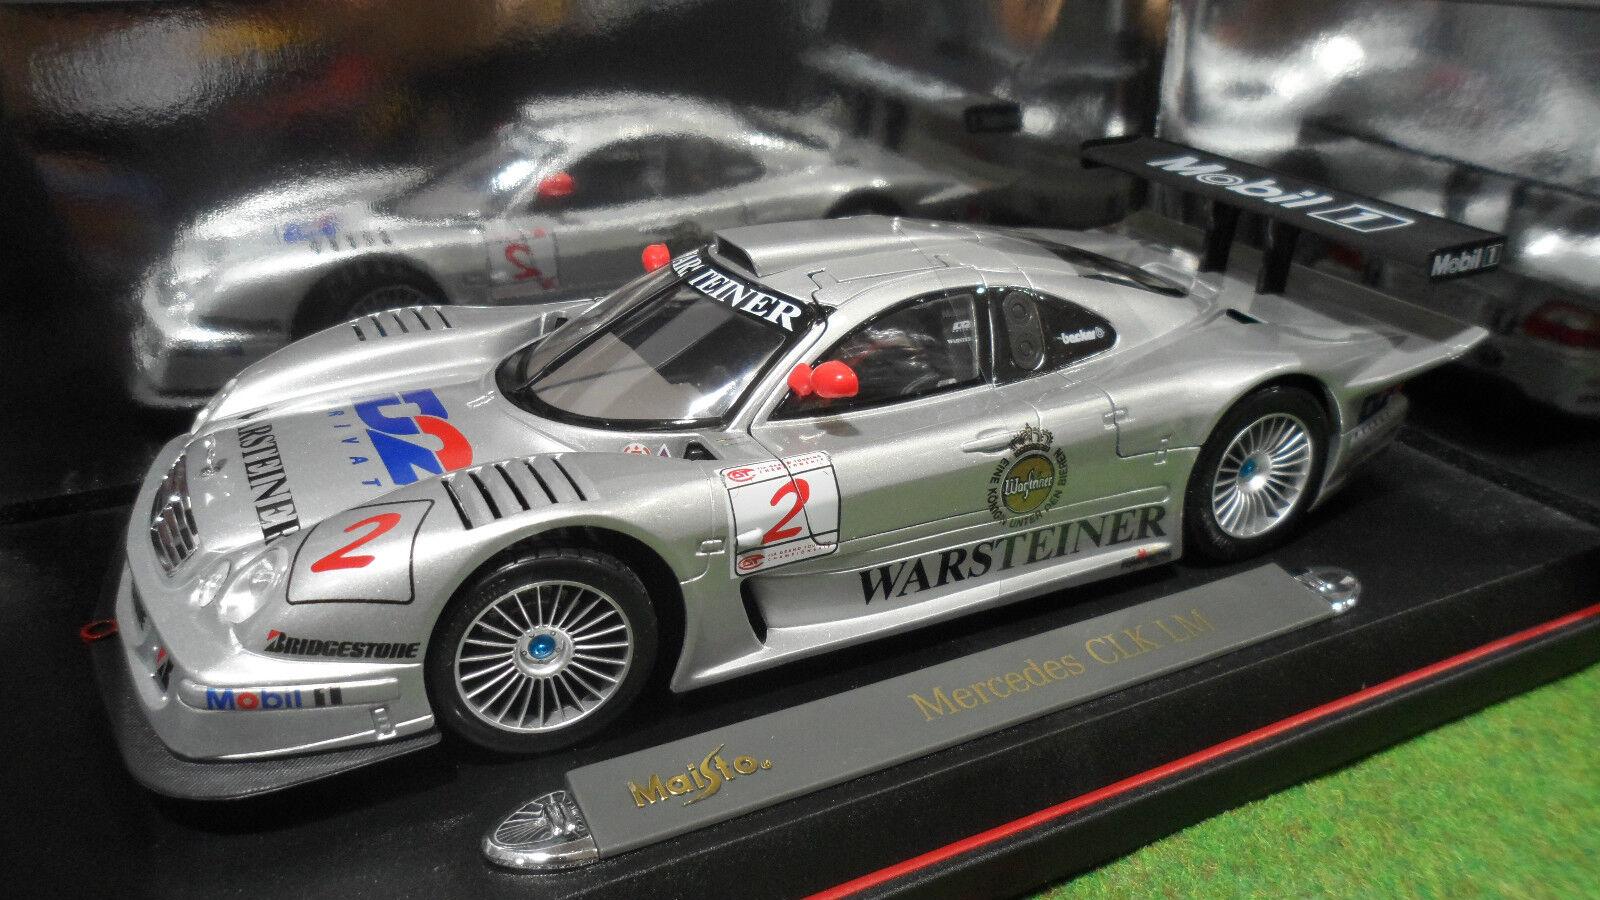 increíbles descuentos MERCEDES BENZ CLK CLK CLK LM D2 WARSTEINER  2 1 18 MAISTO 38868 voiture miniature collec  mejor oferta